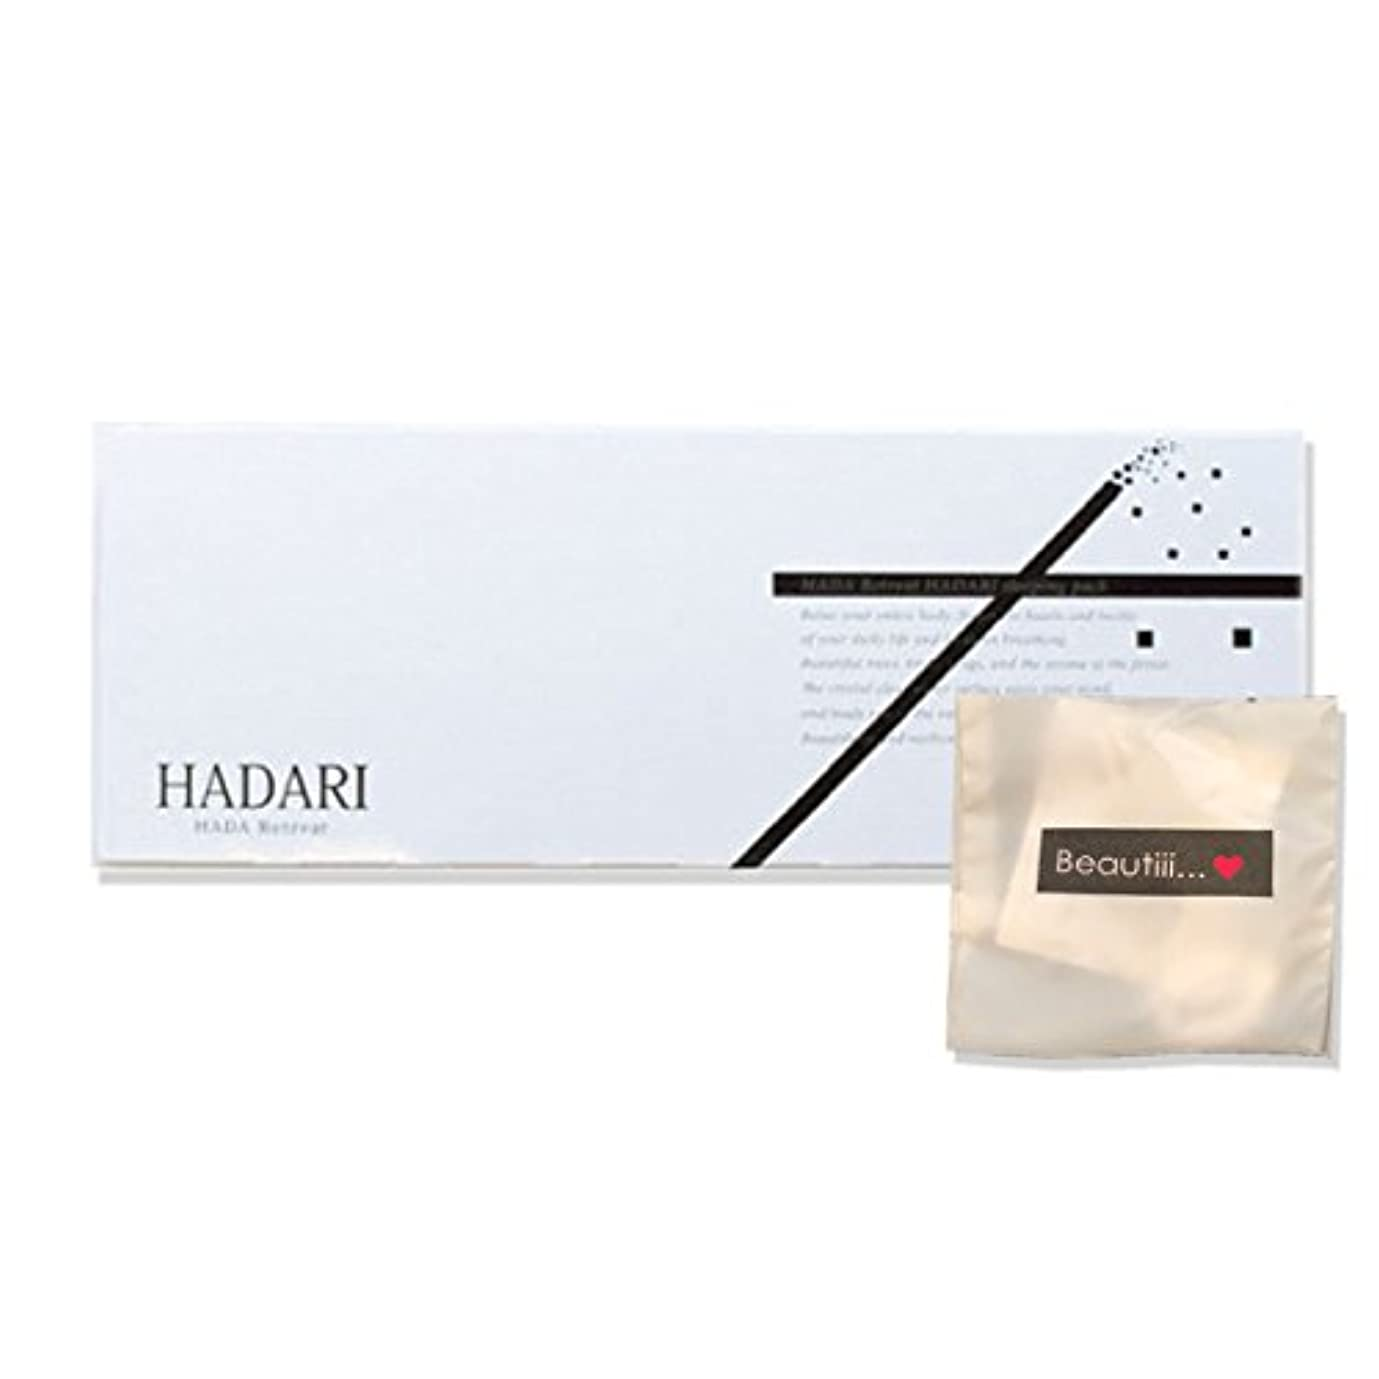 概してペニー満足HADARI はだり 高級オールインワンパッククリーム 1箱 SNSで話題 大人気!!